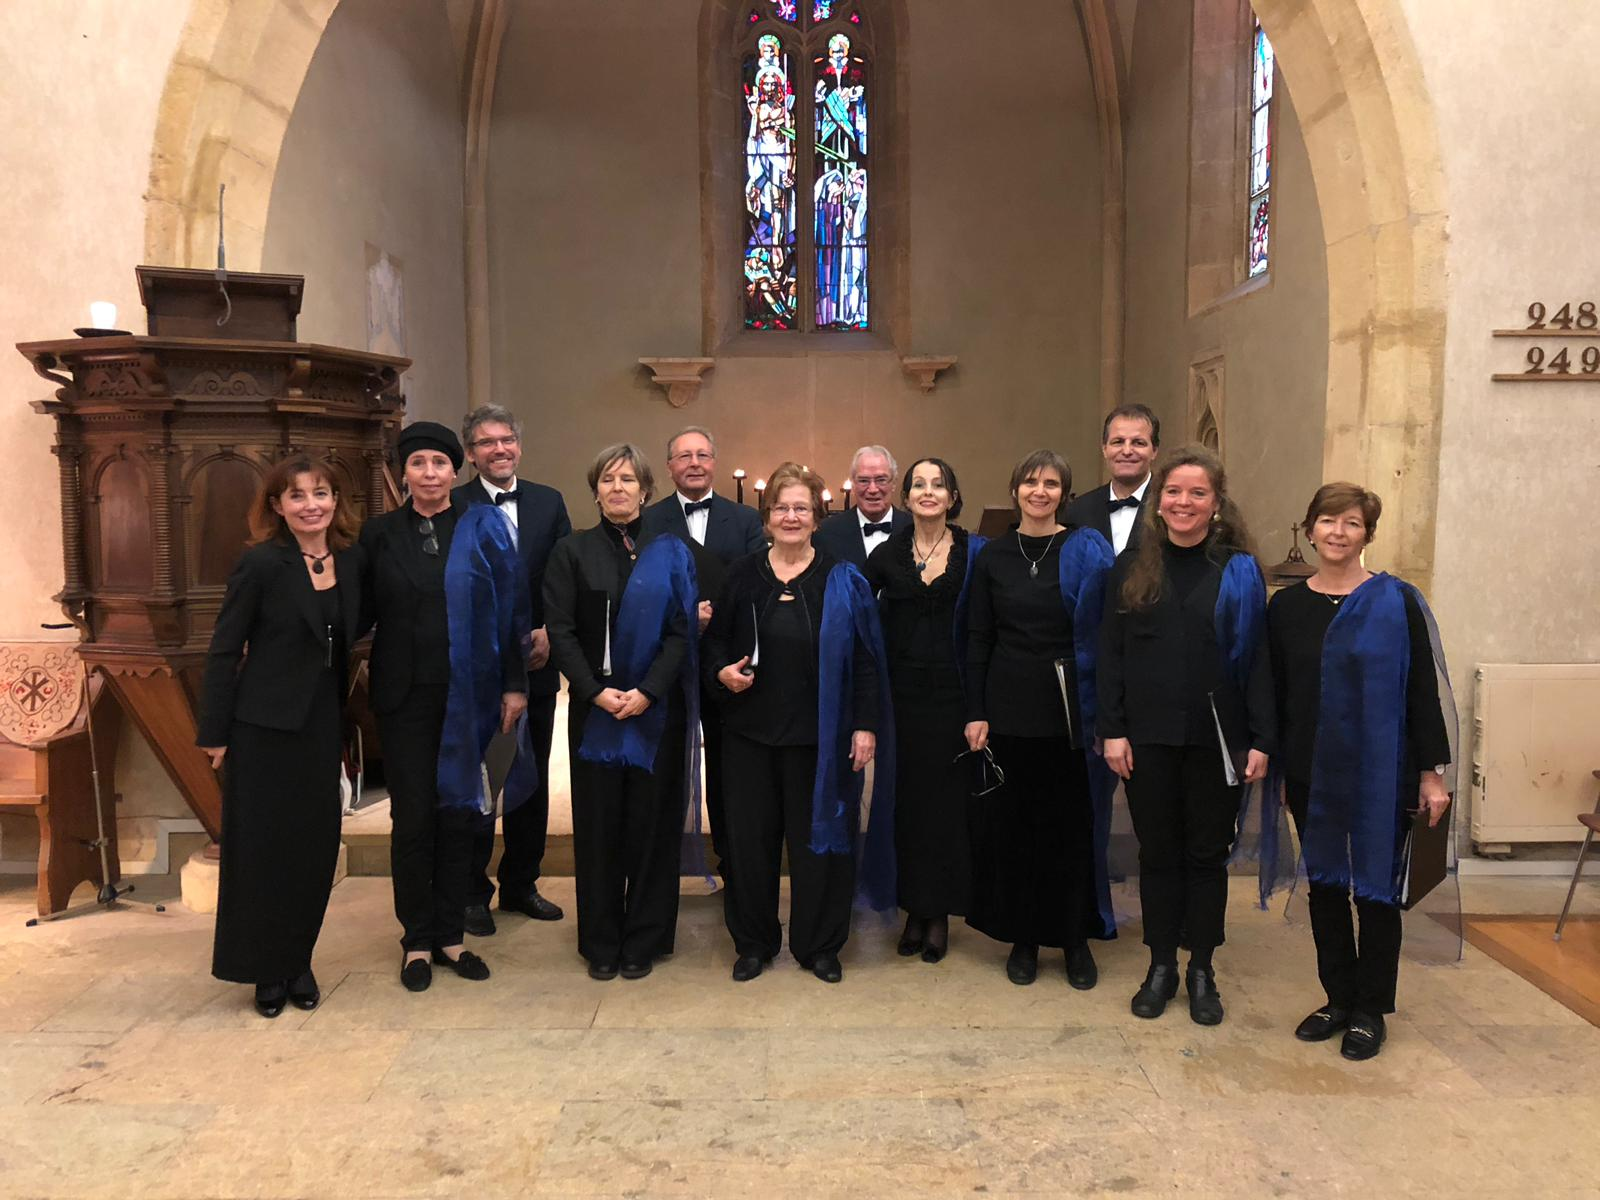 Société de chant L'Avenir de Saint-Blaise